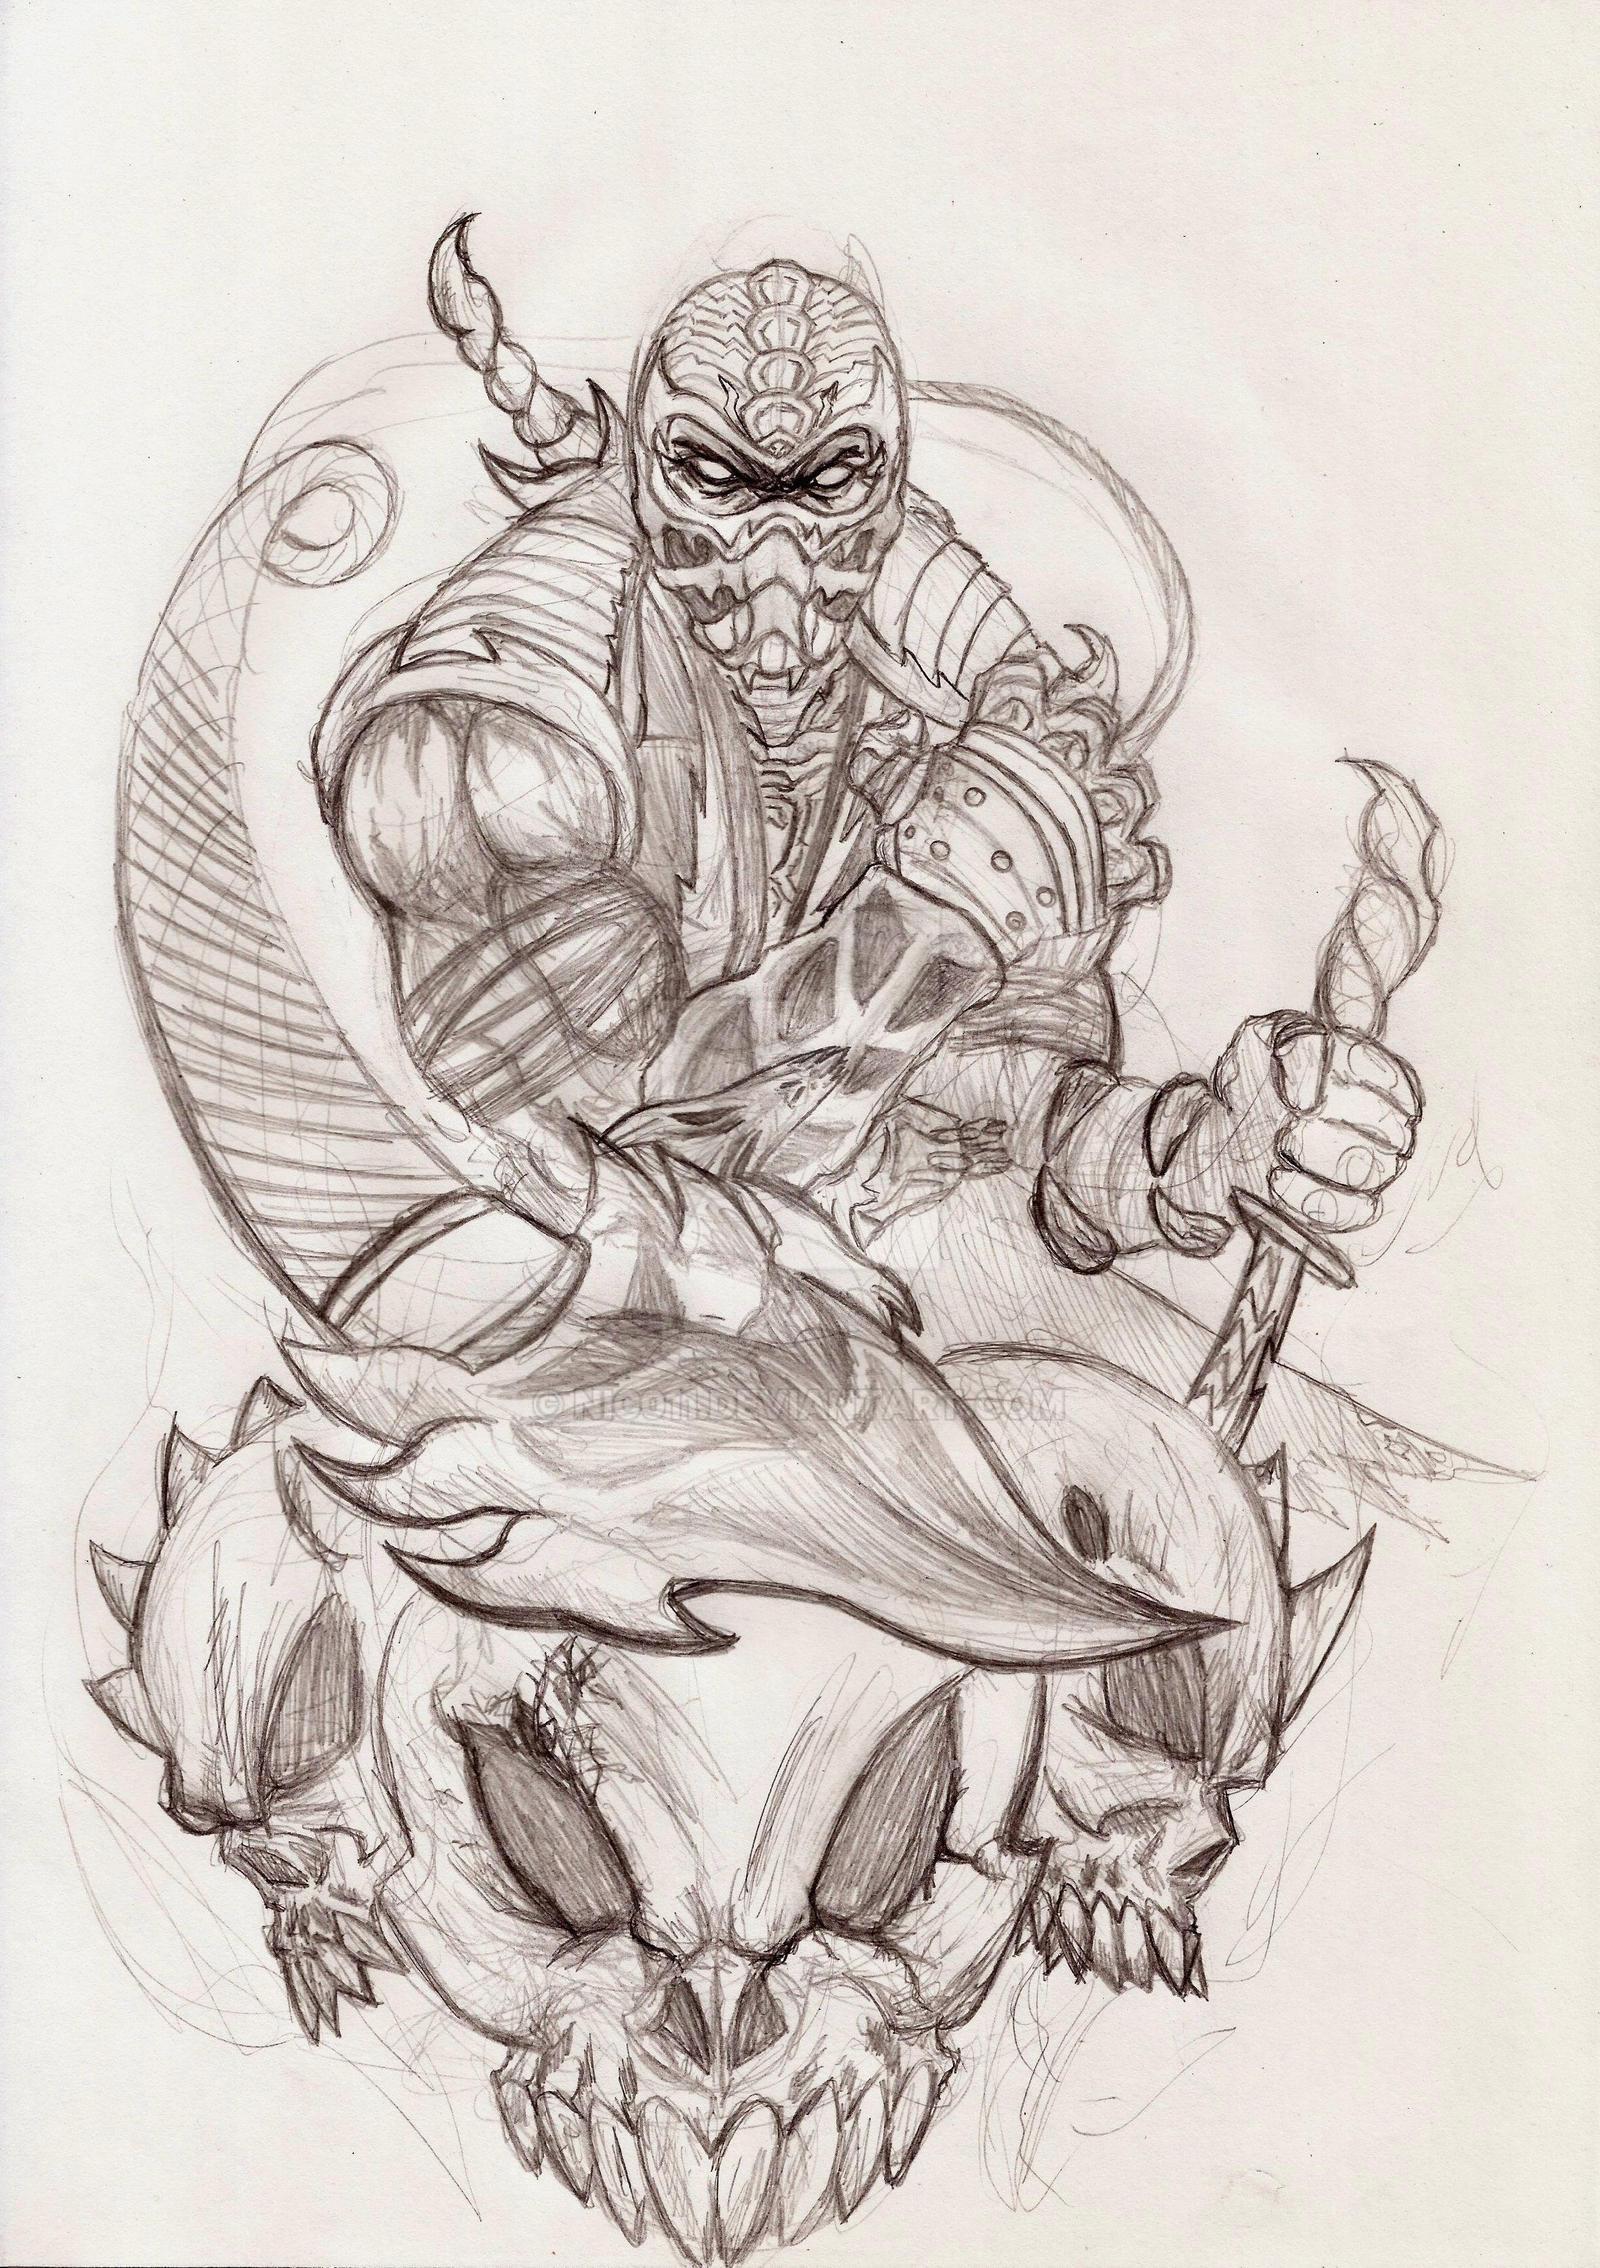 Scorpion MortalKombat by nic011